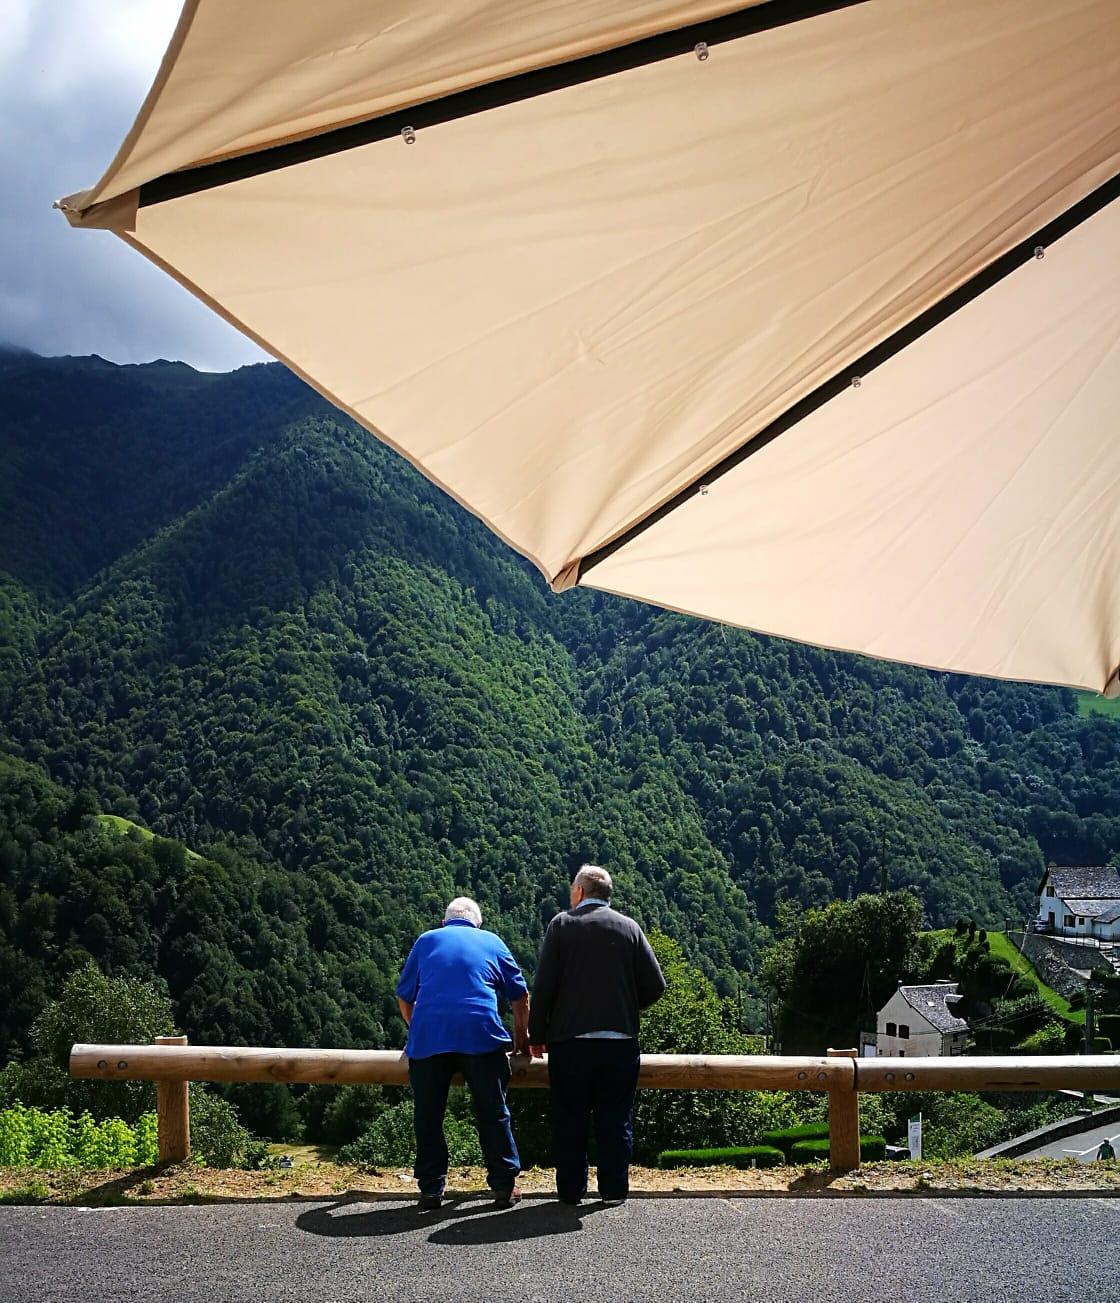 Deux retraités tranquilles face aux montagnes